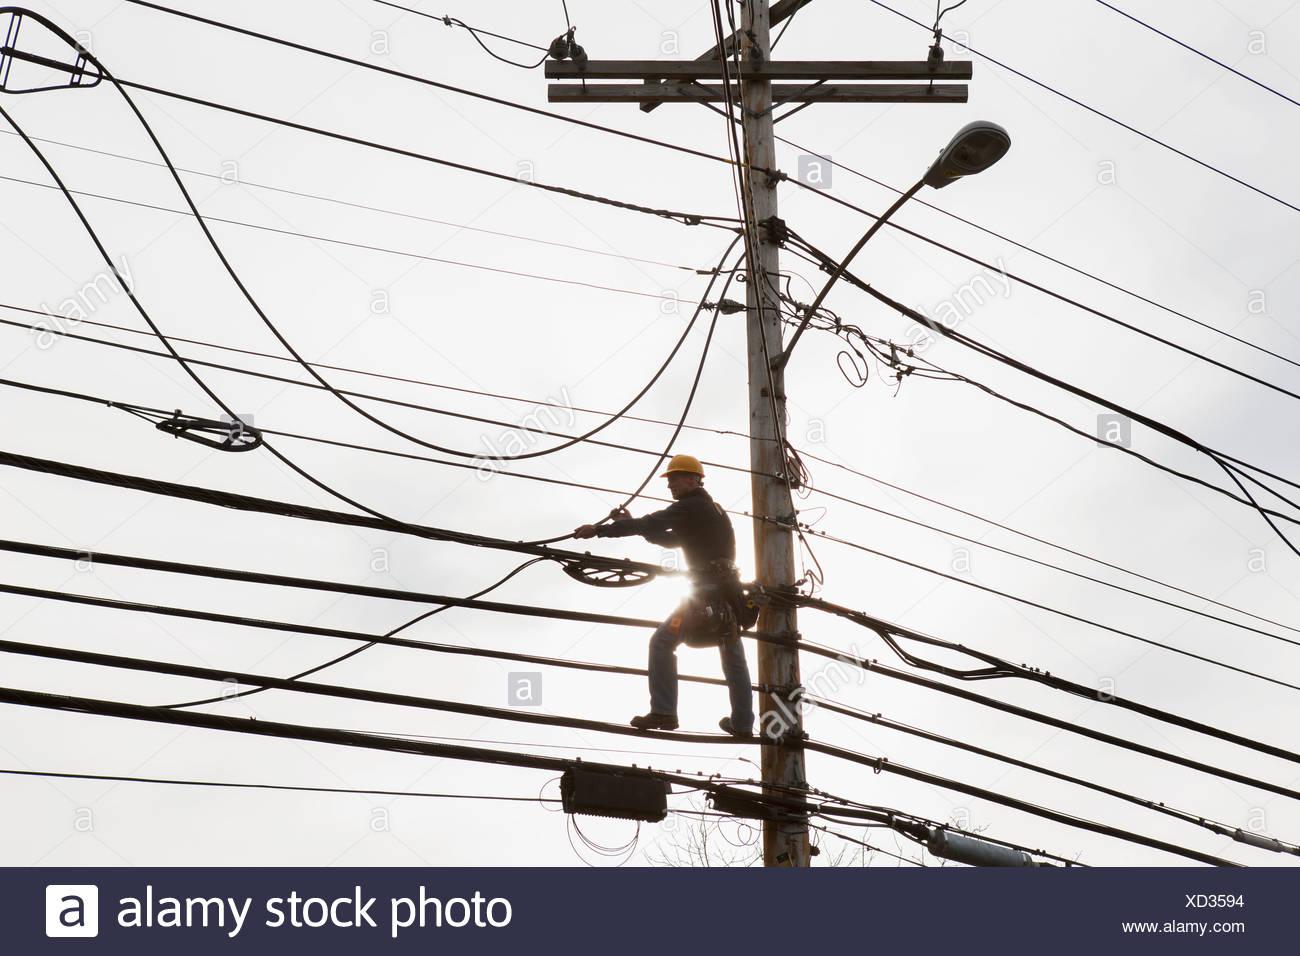 Cable Bundles Stock Photos & Cable Bundles Stock Images - Alamy